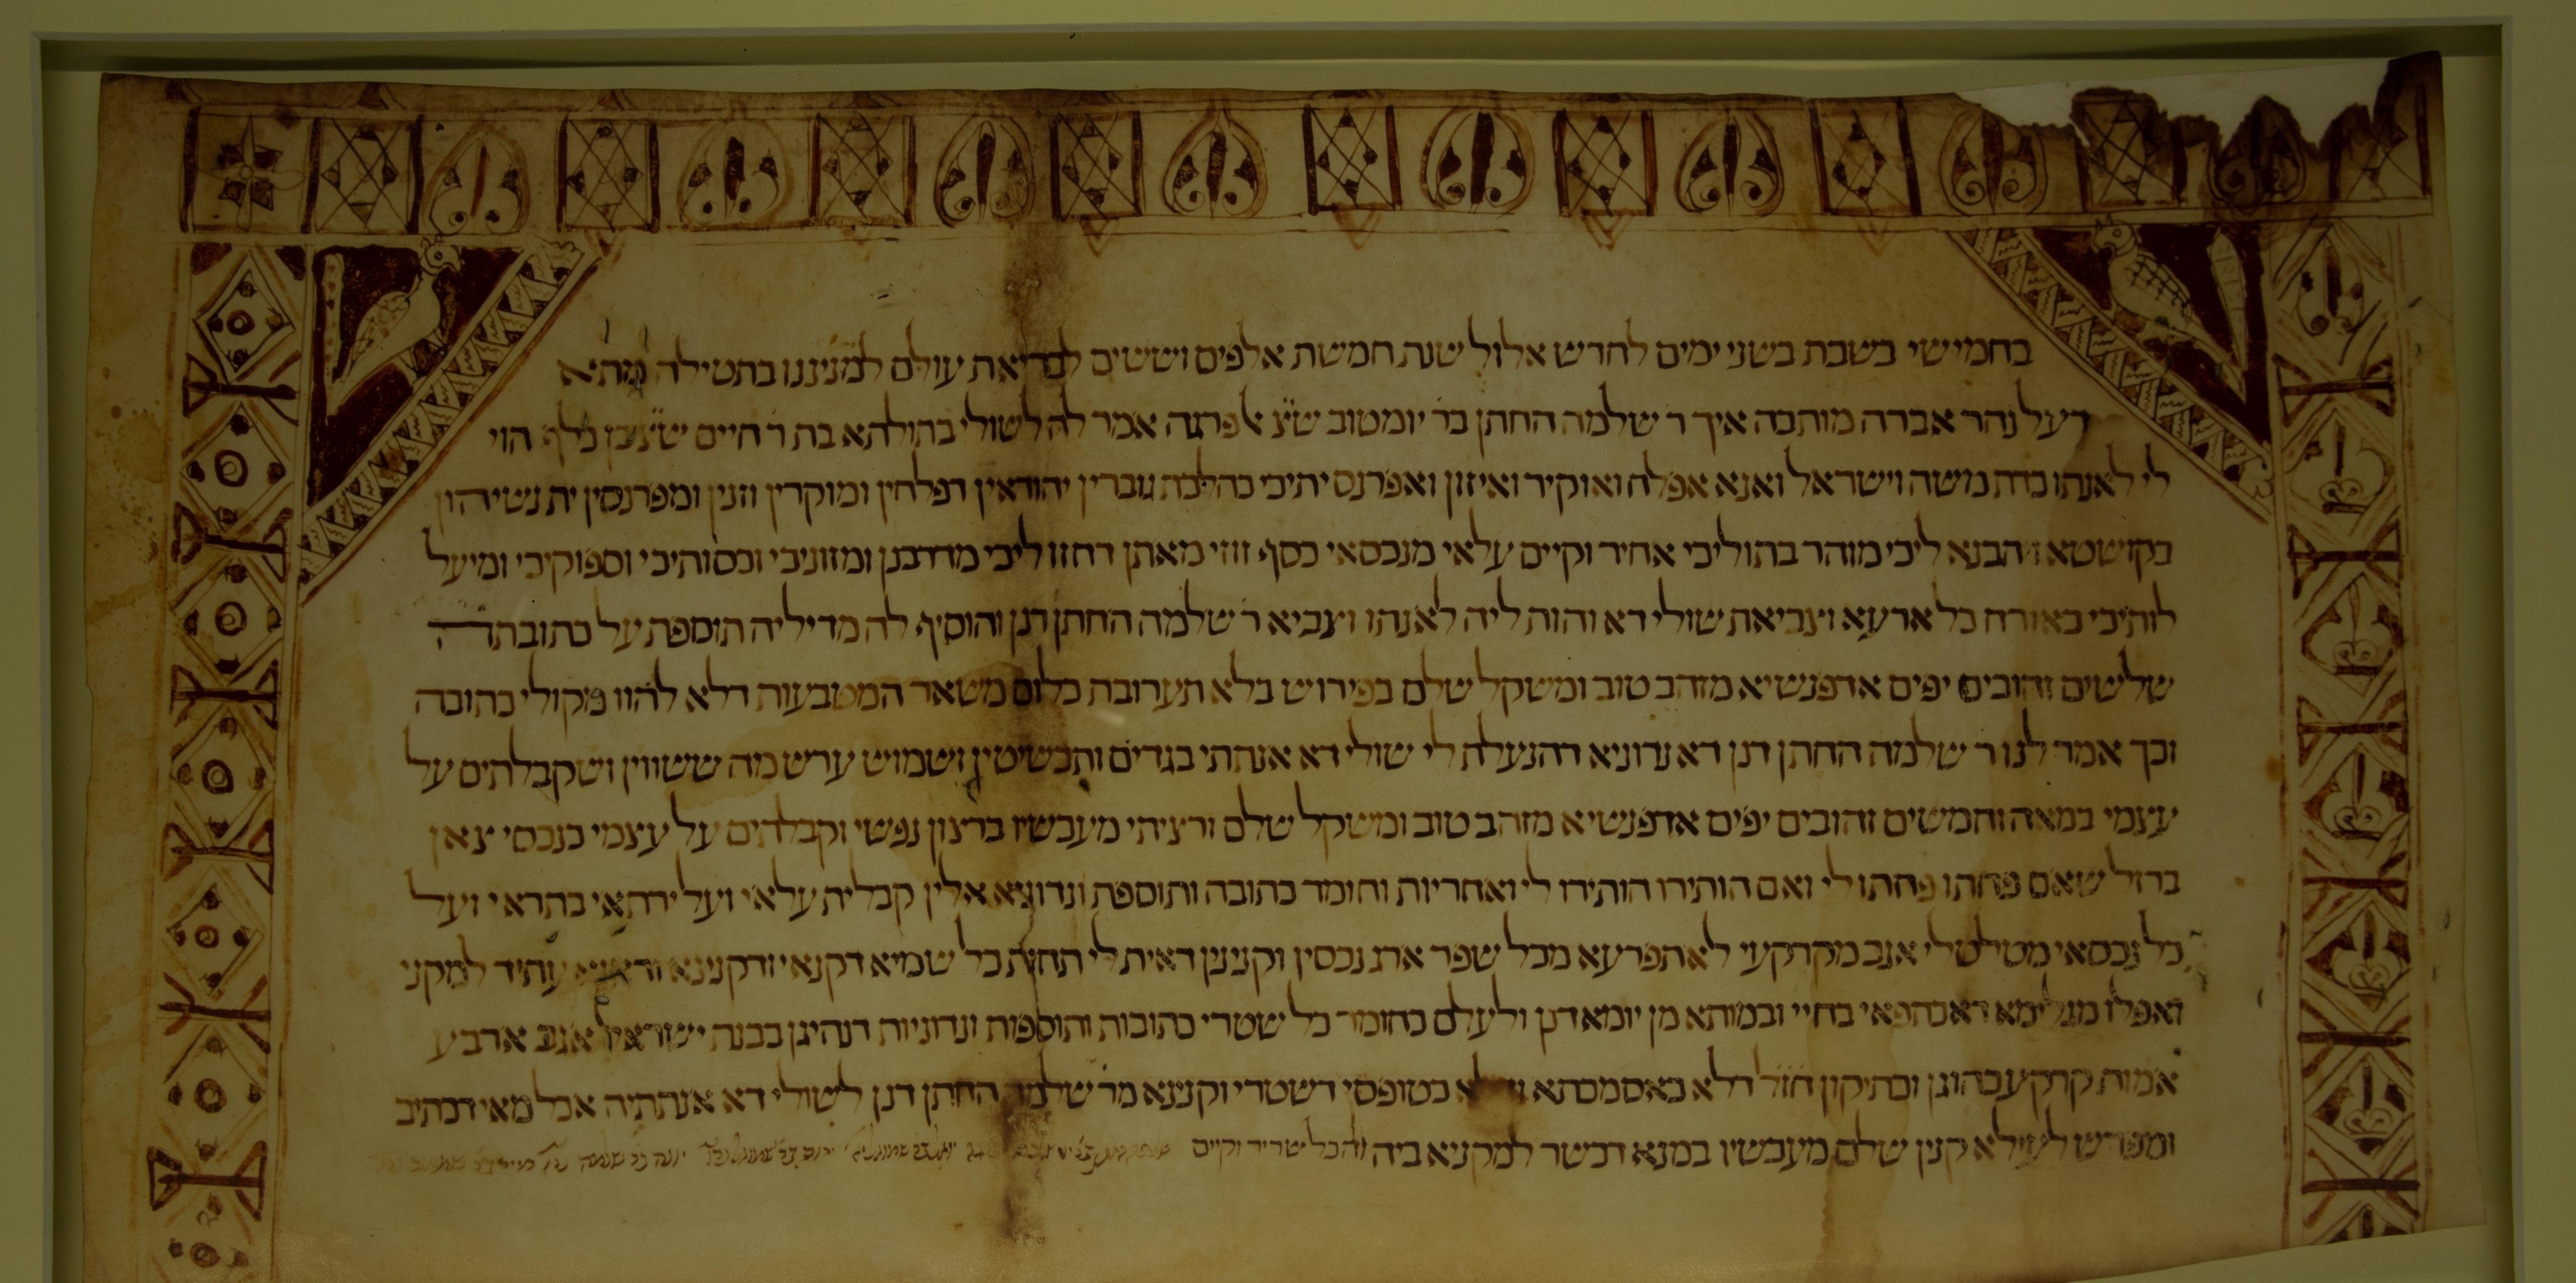 עפר גדנקן מוזיאון יהודי ספרד